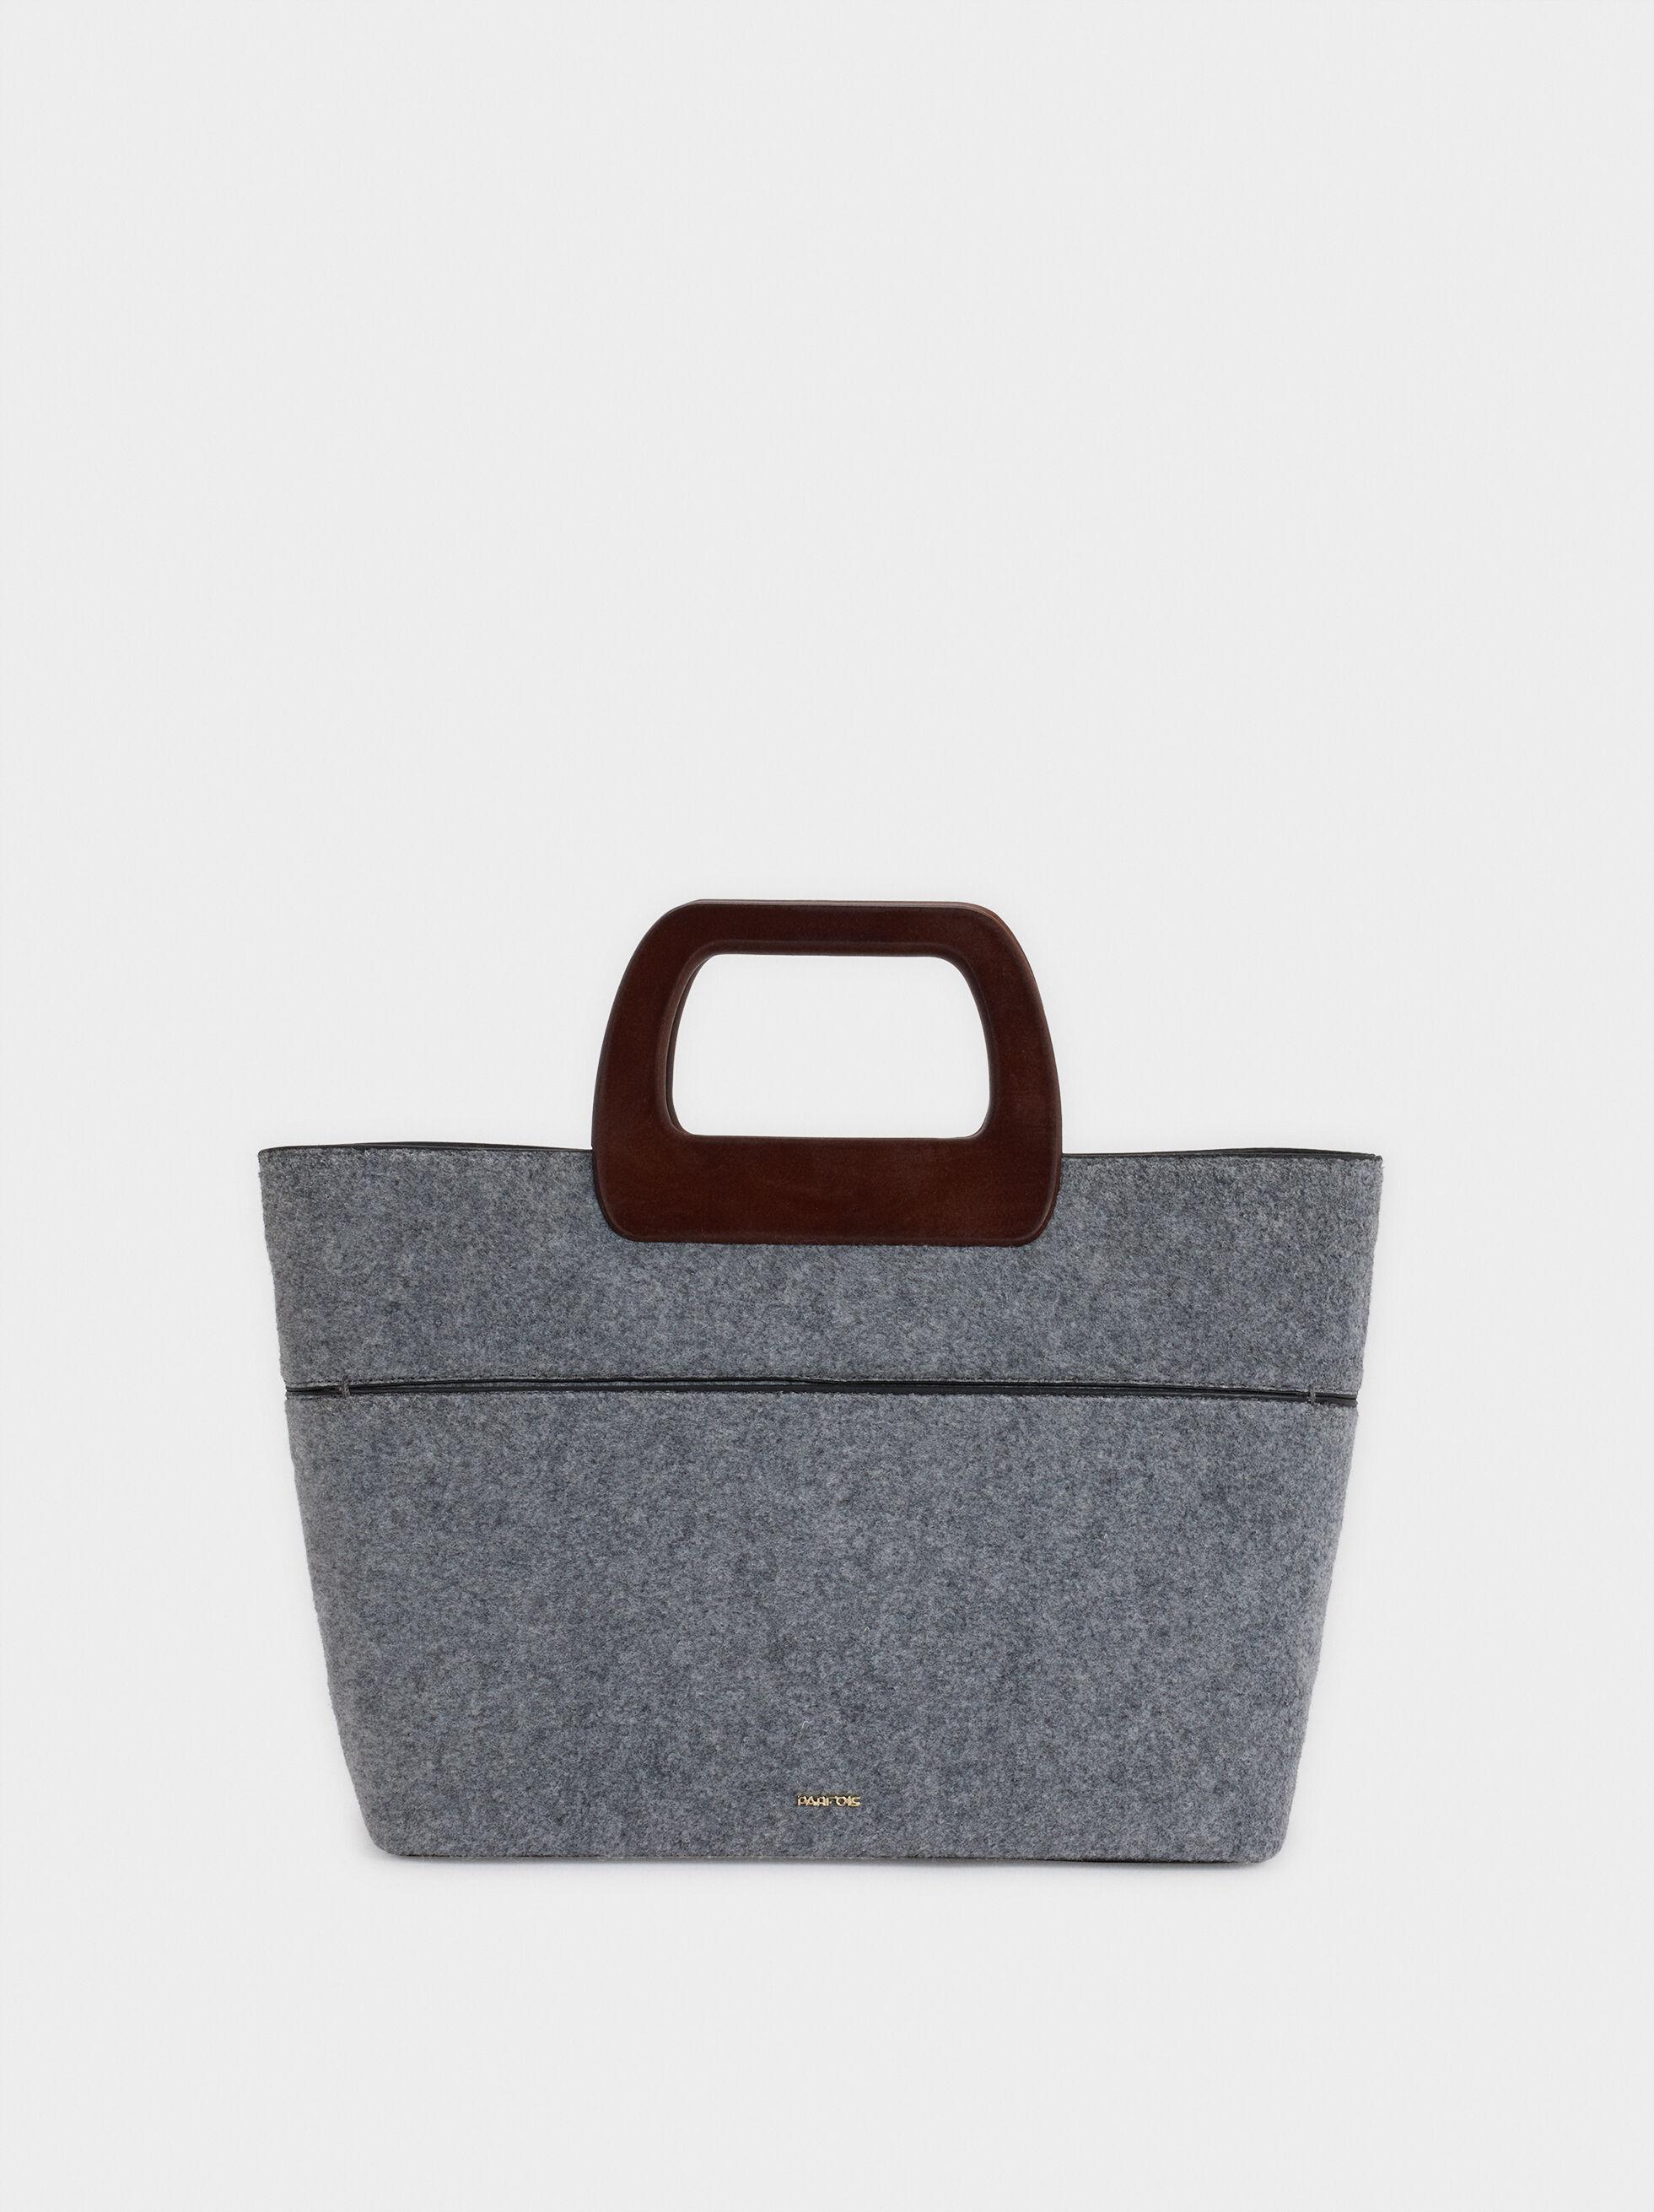 Patchwork Tote Bag, Grey, hi-res